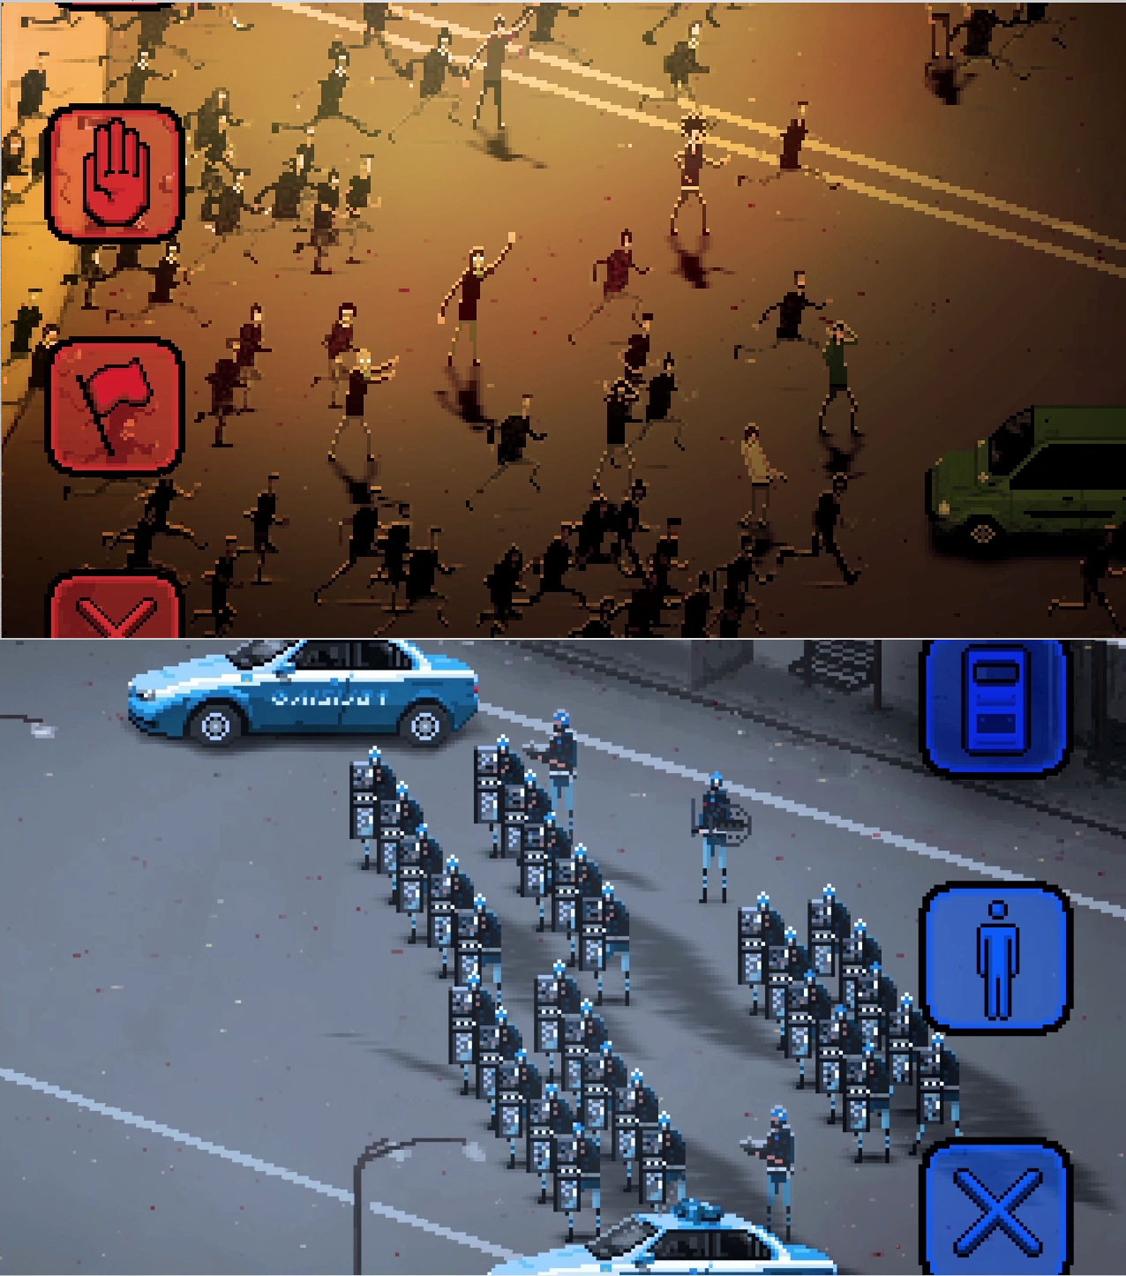 Dos de las imágenes del videojuego 'Riot'